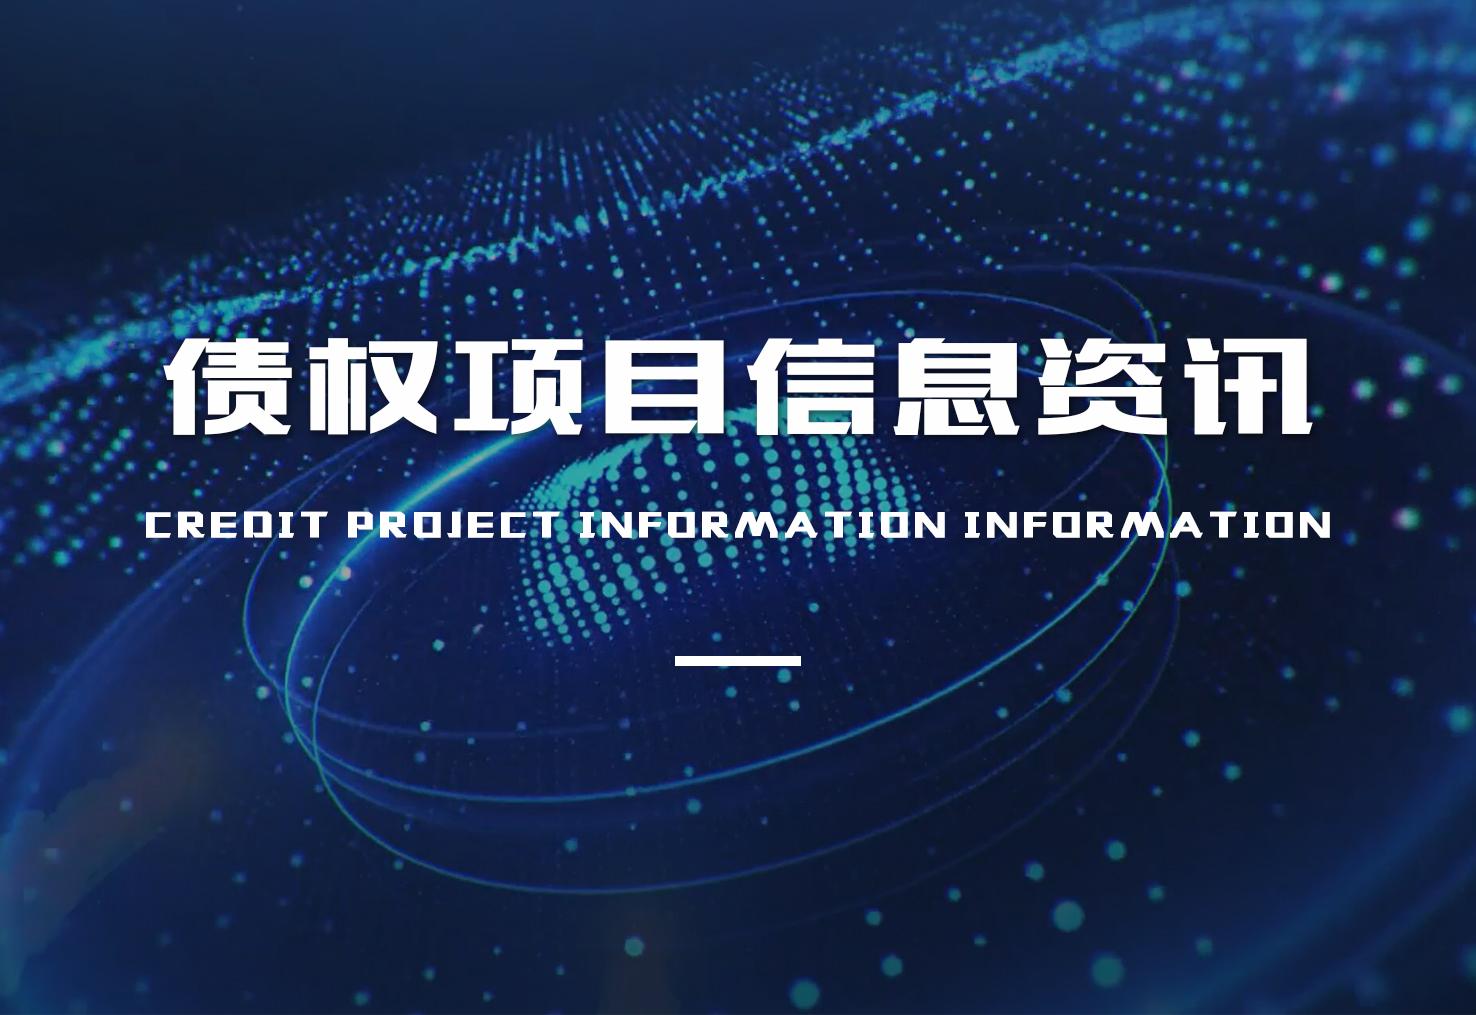 债权项目信息资讯